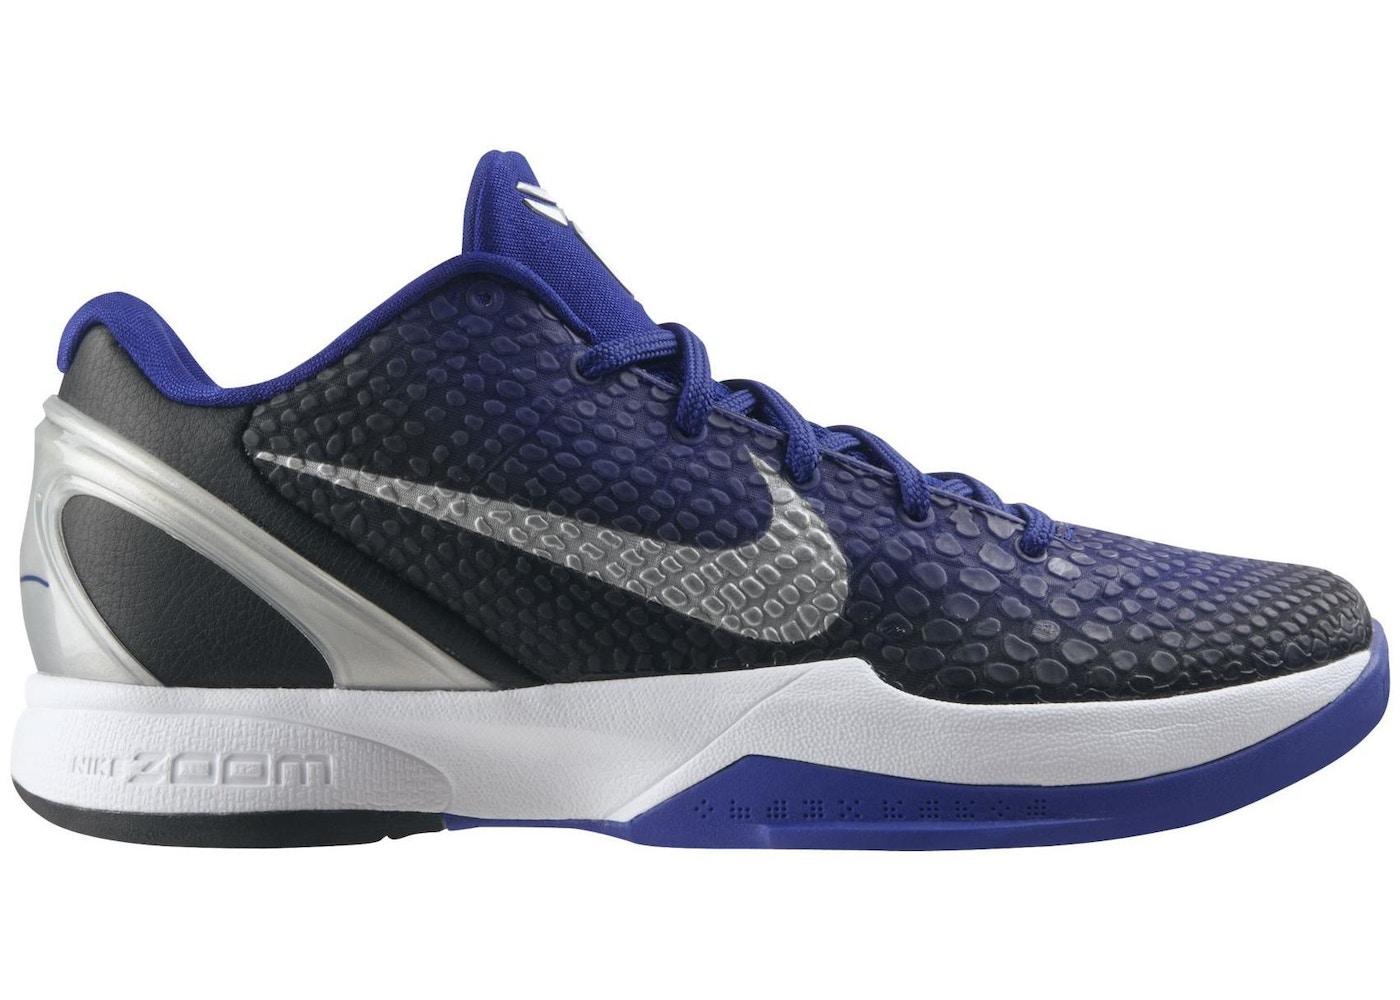 best service 7fe20 9a3a3 Buy Nike Kobe 6 Shoes   Deadstock Sneakers